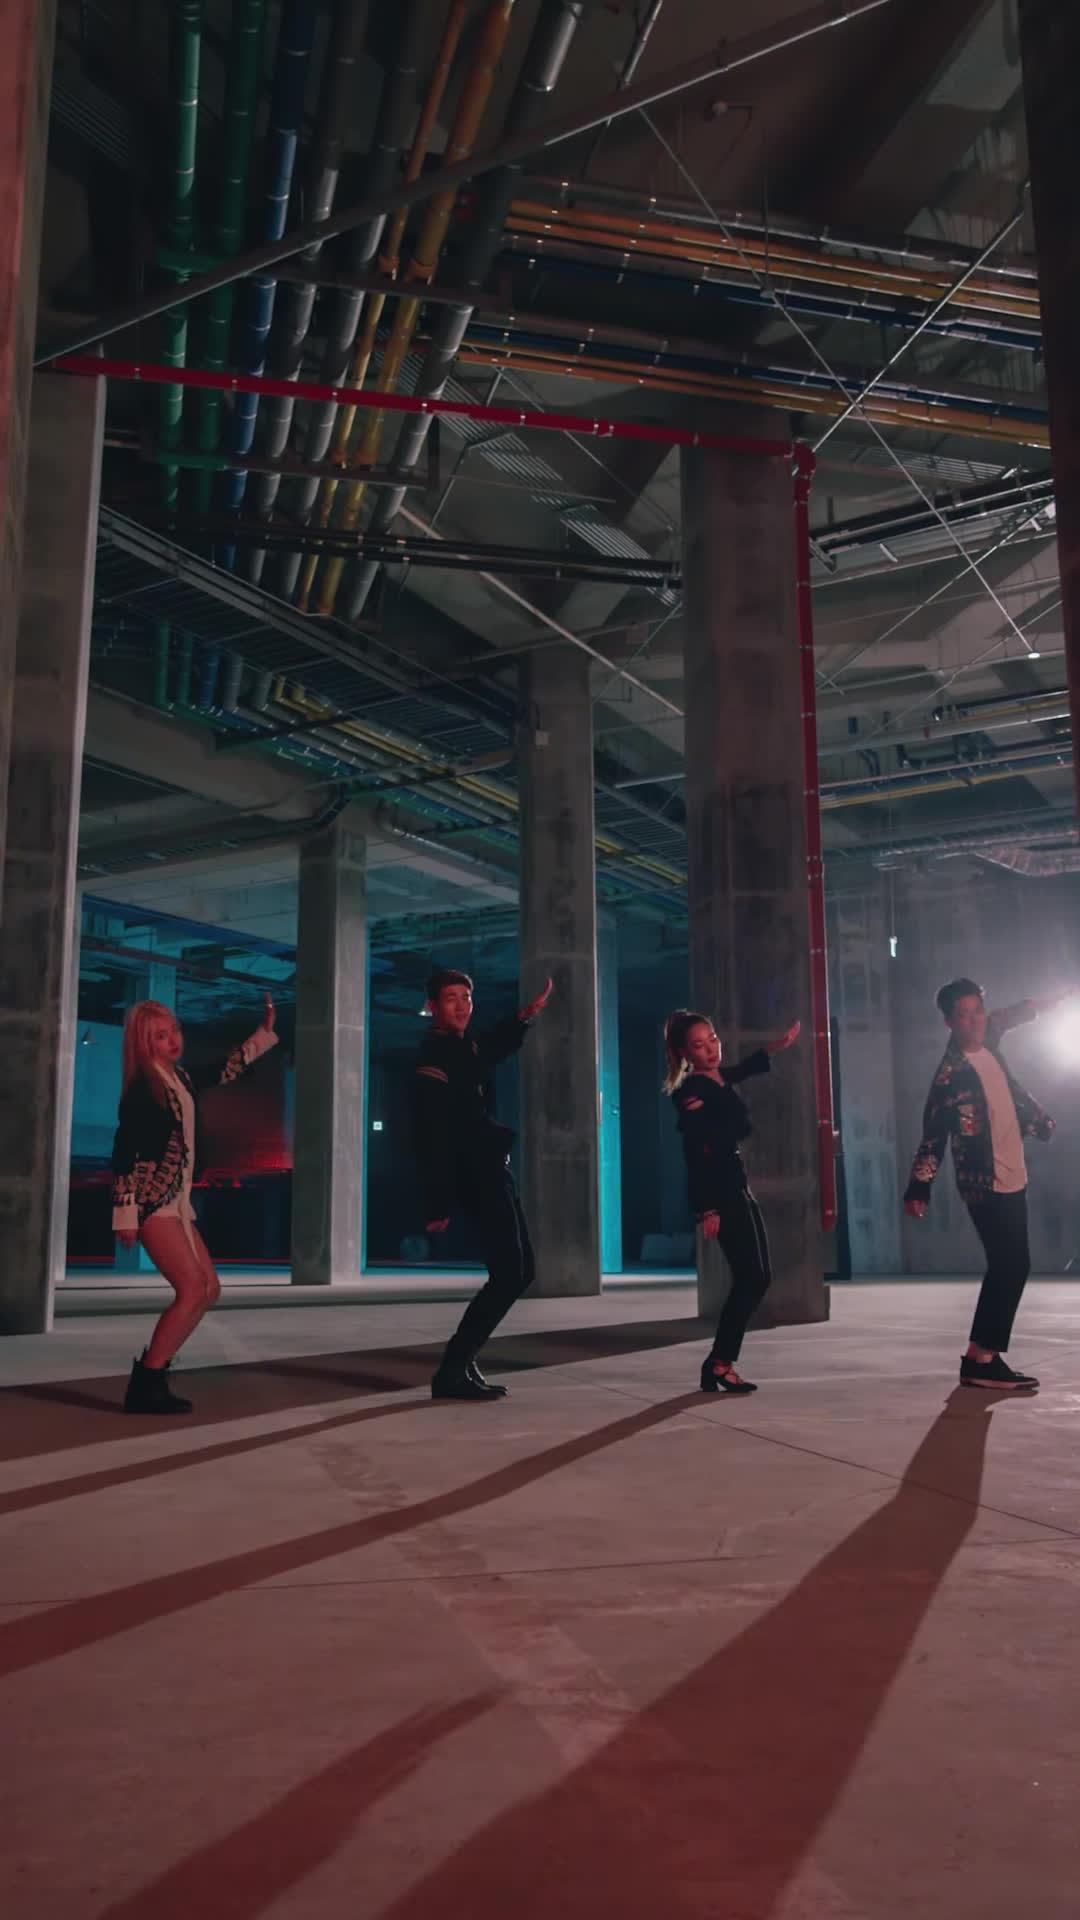 Nhóm nhạc hỗn hợp K.A.R.D tung hit gây nghiện cuối cùng, gom fan trước khi debut